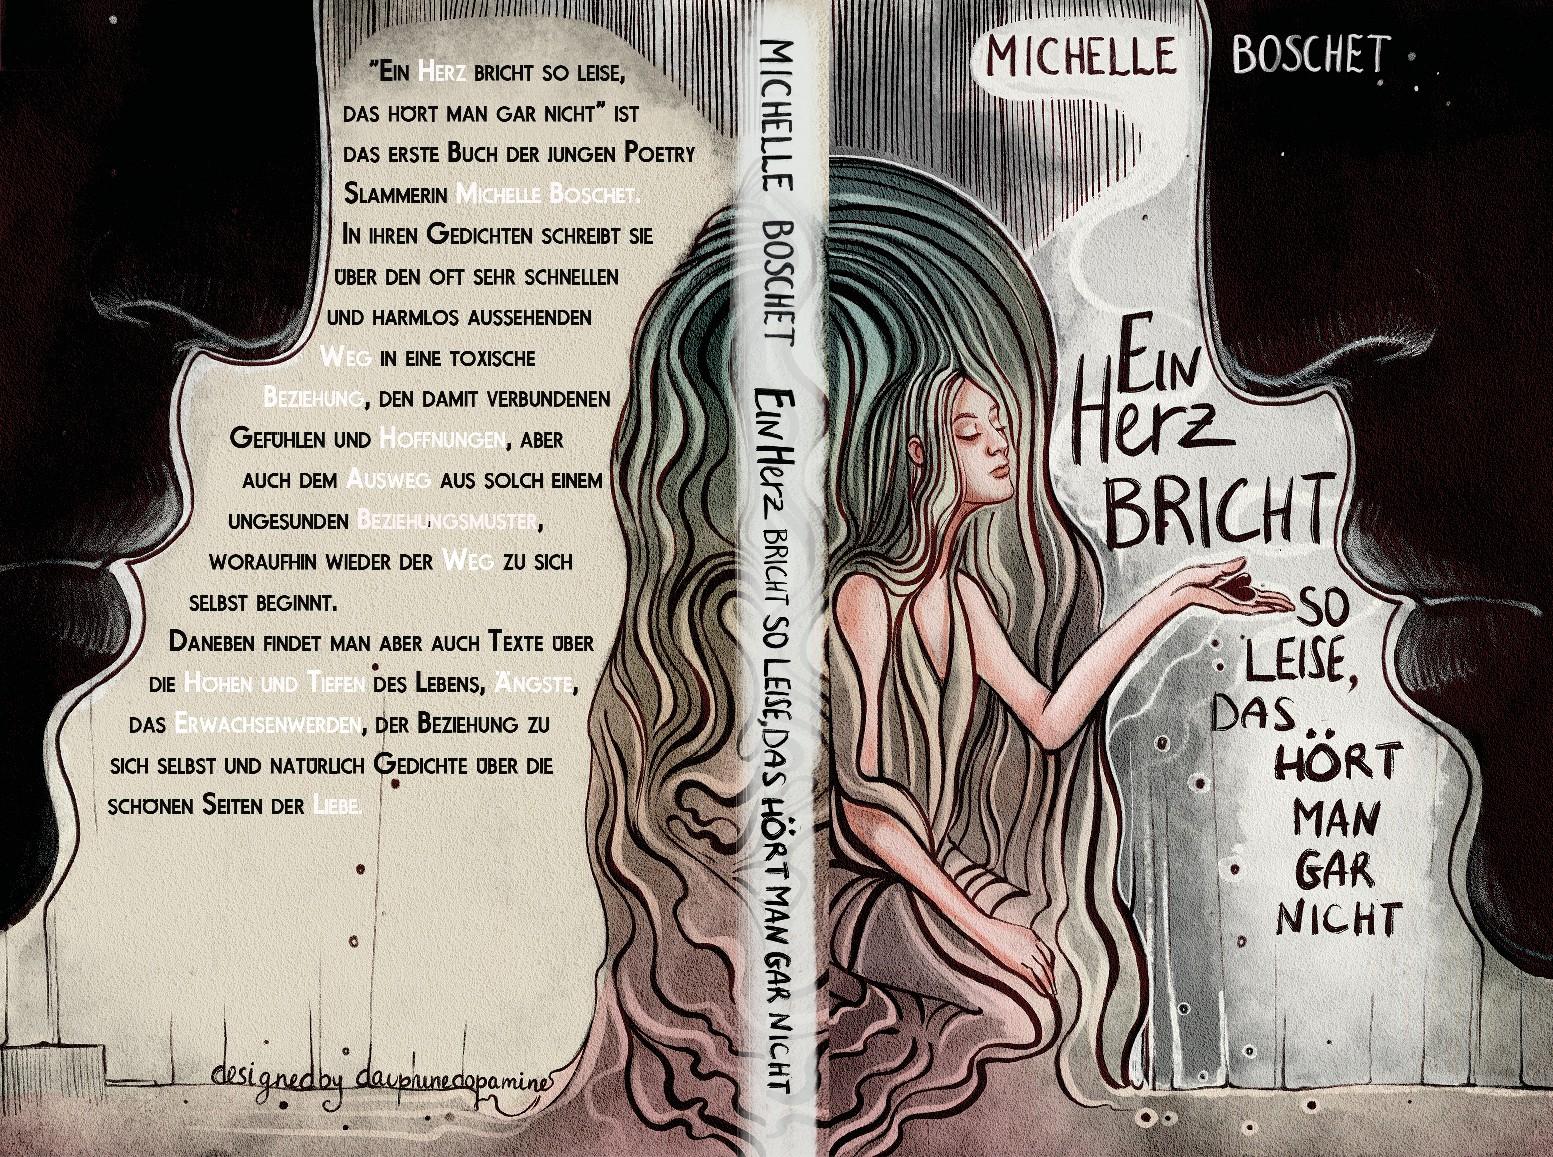 Junges Design für junge Autorin, die ihr erstes Gedichtebuch veröffentlicht